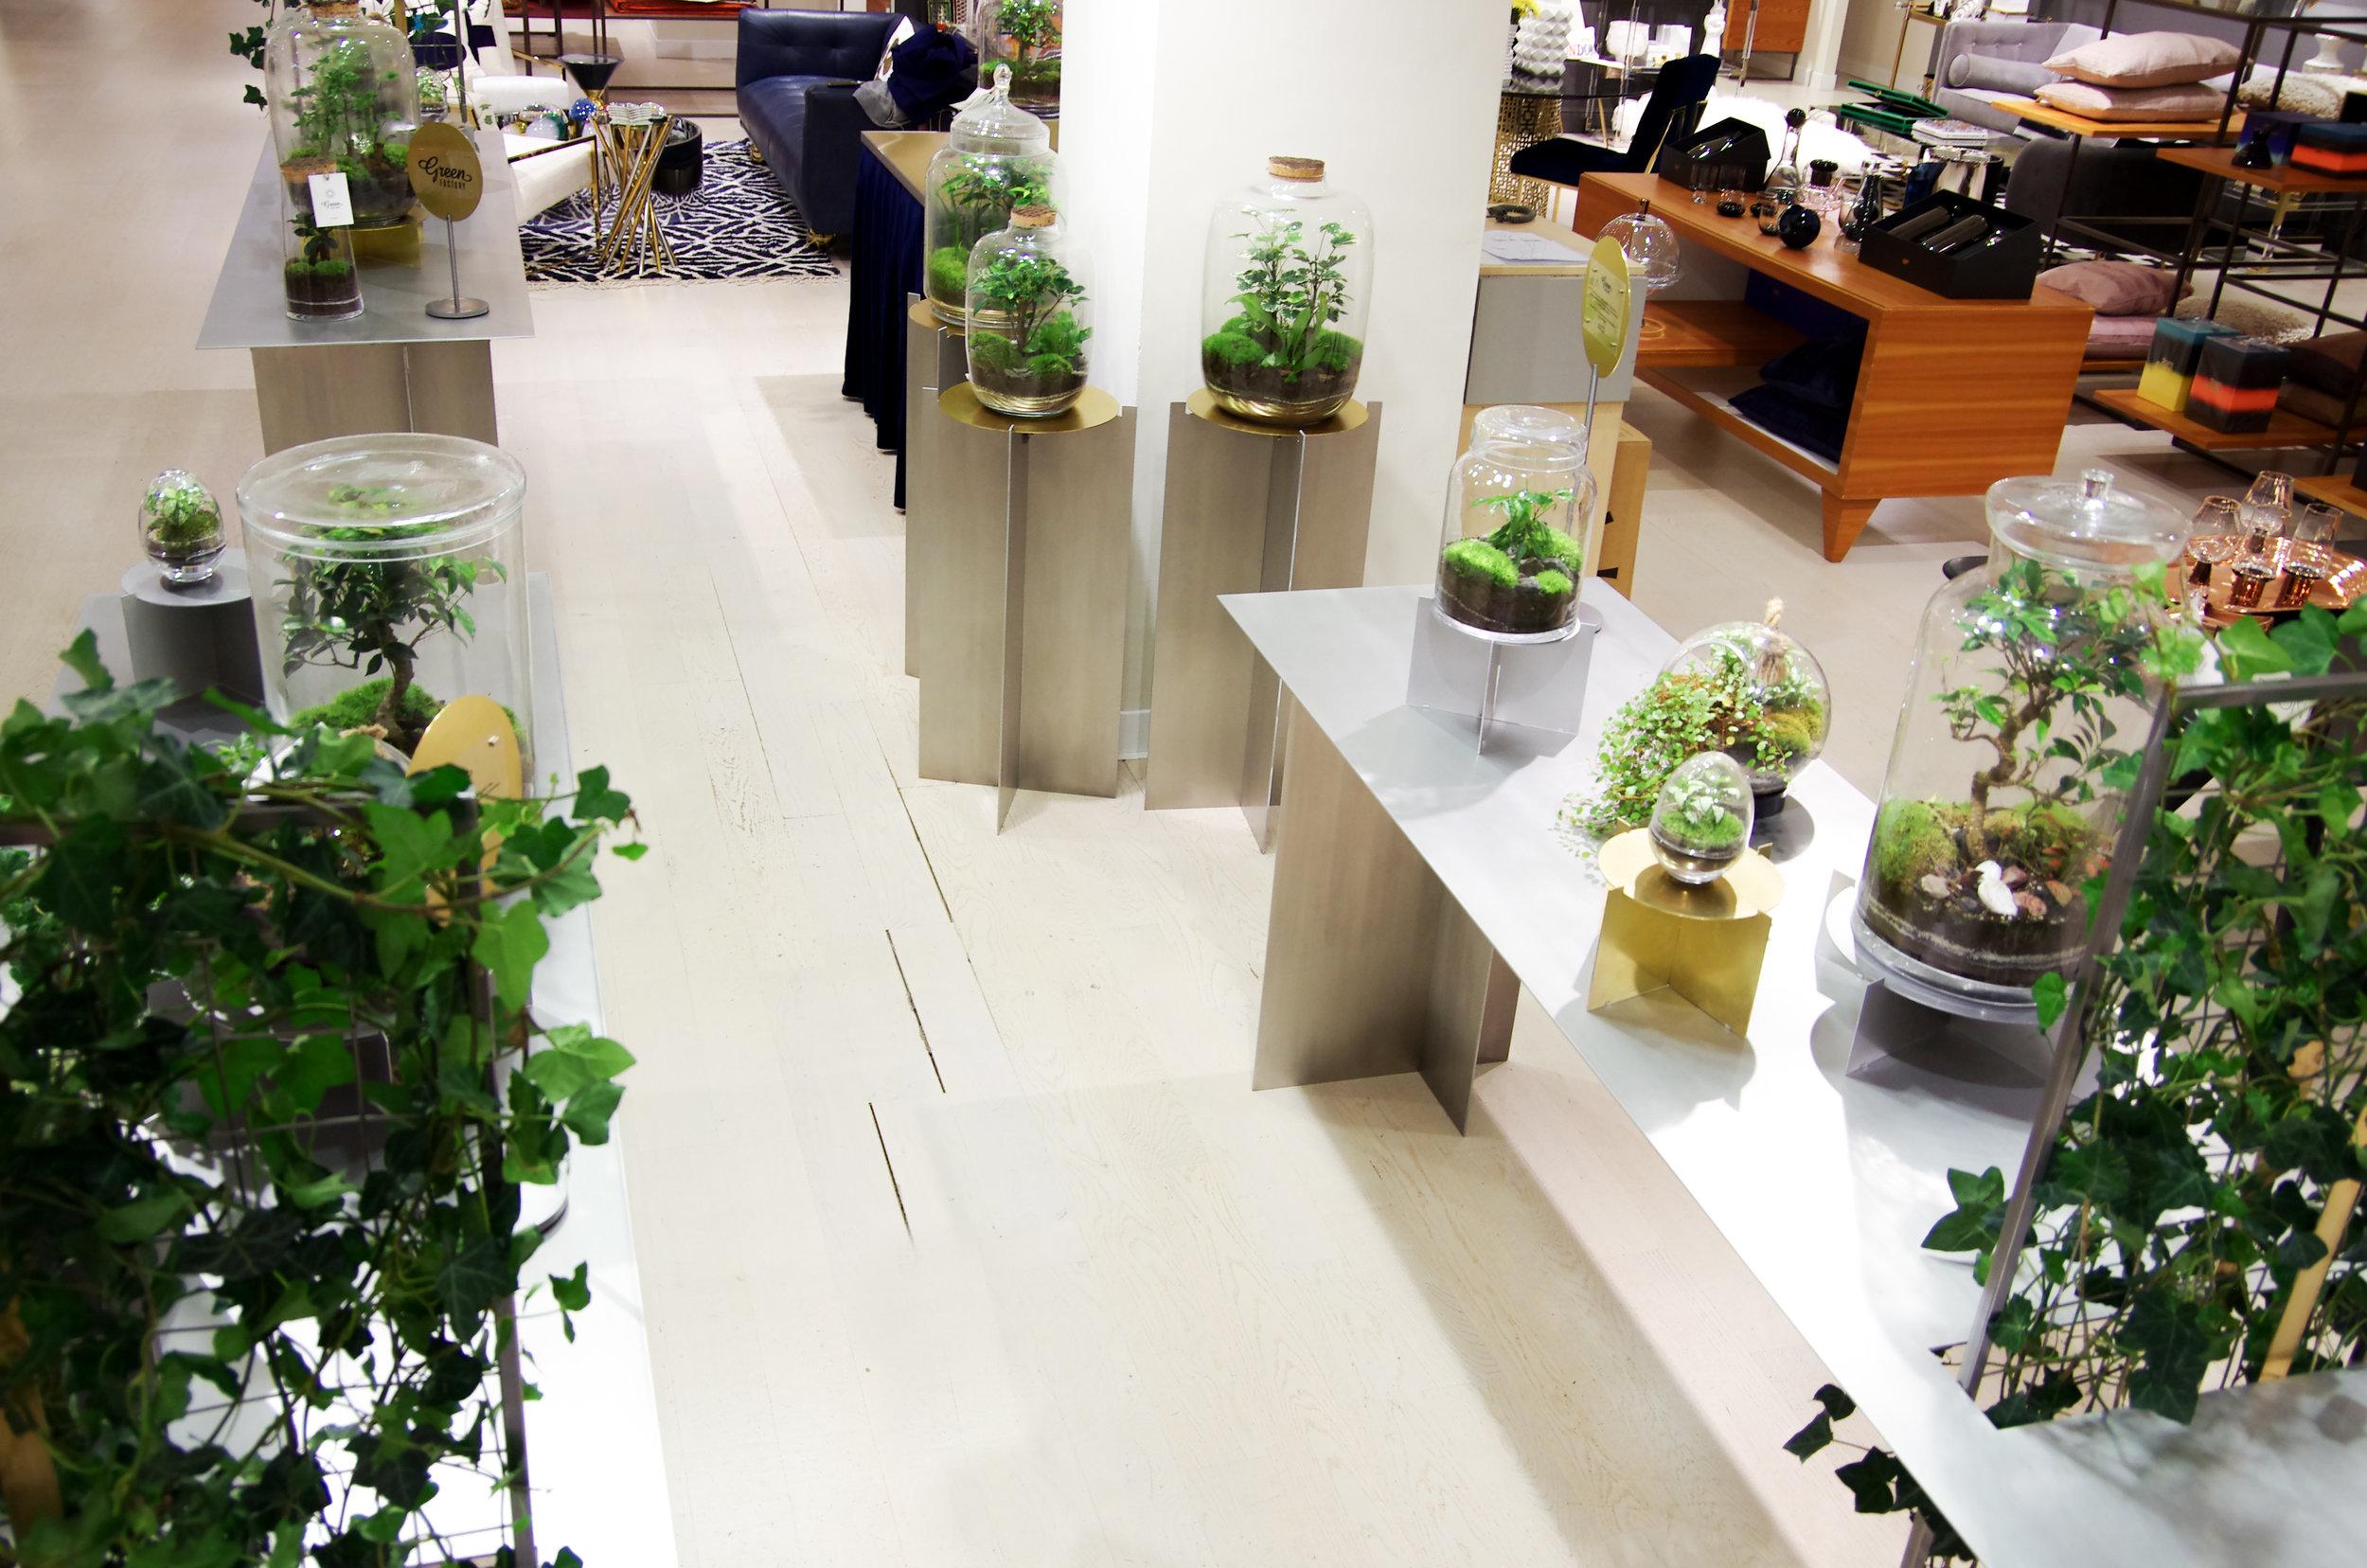 Green-Factory-KaDeWe-9.jpg